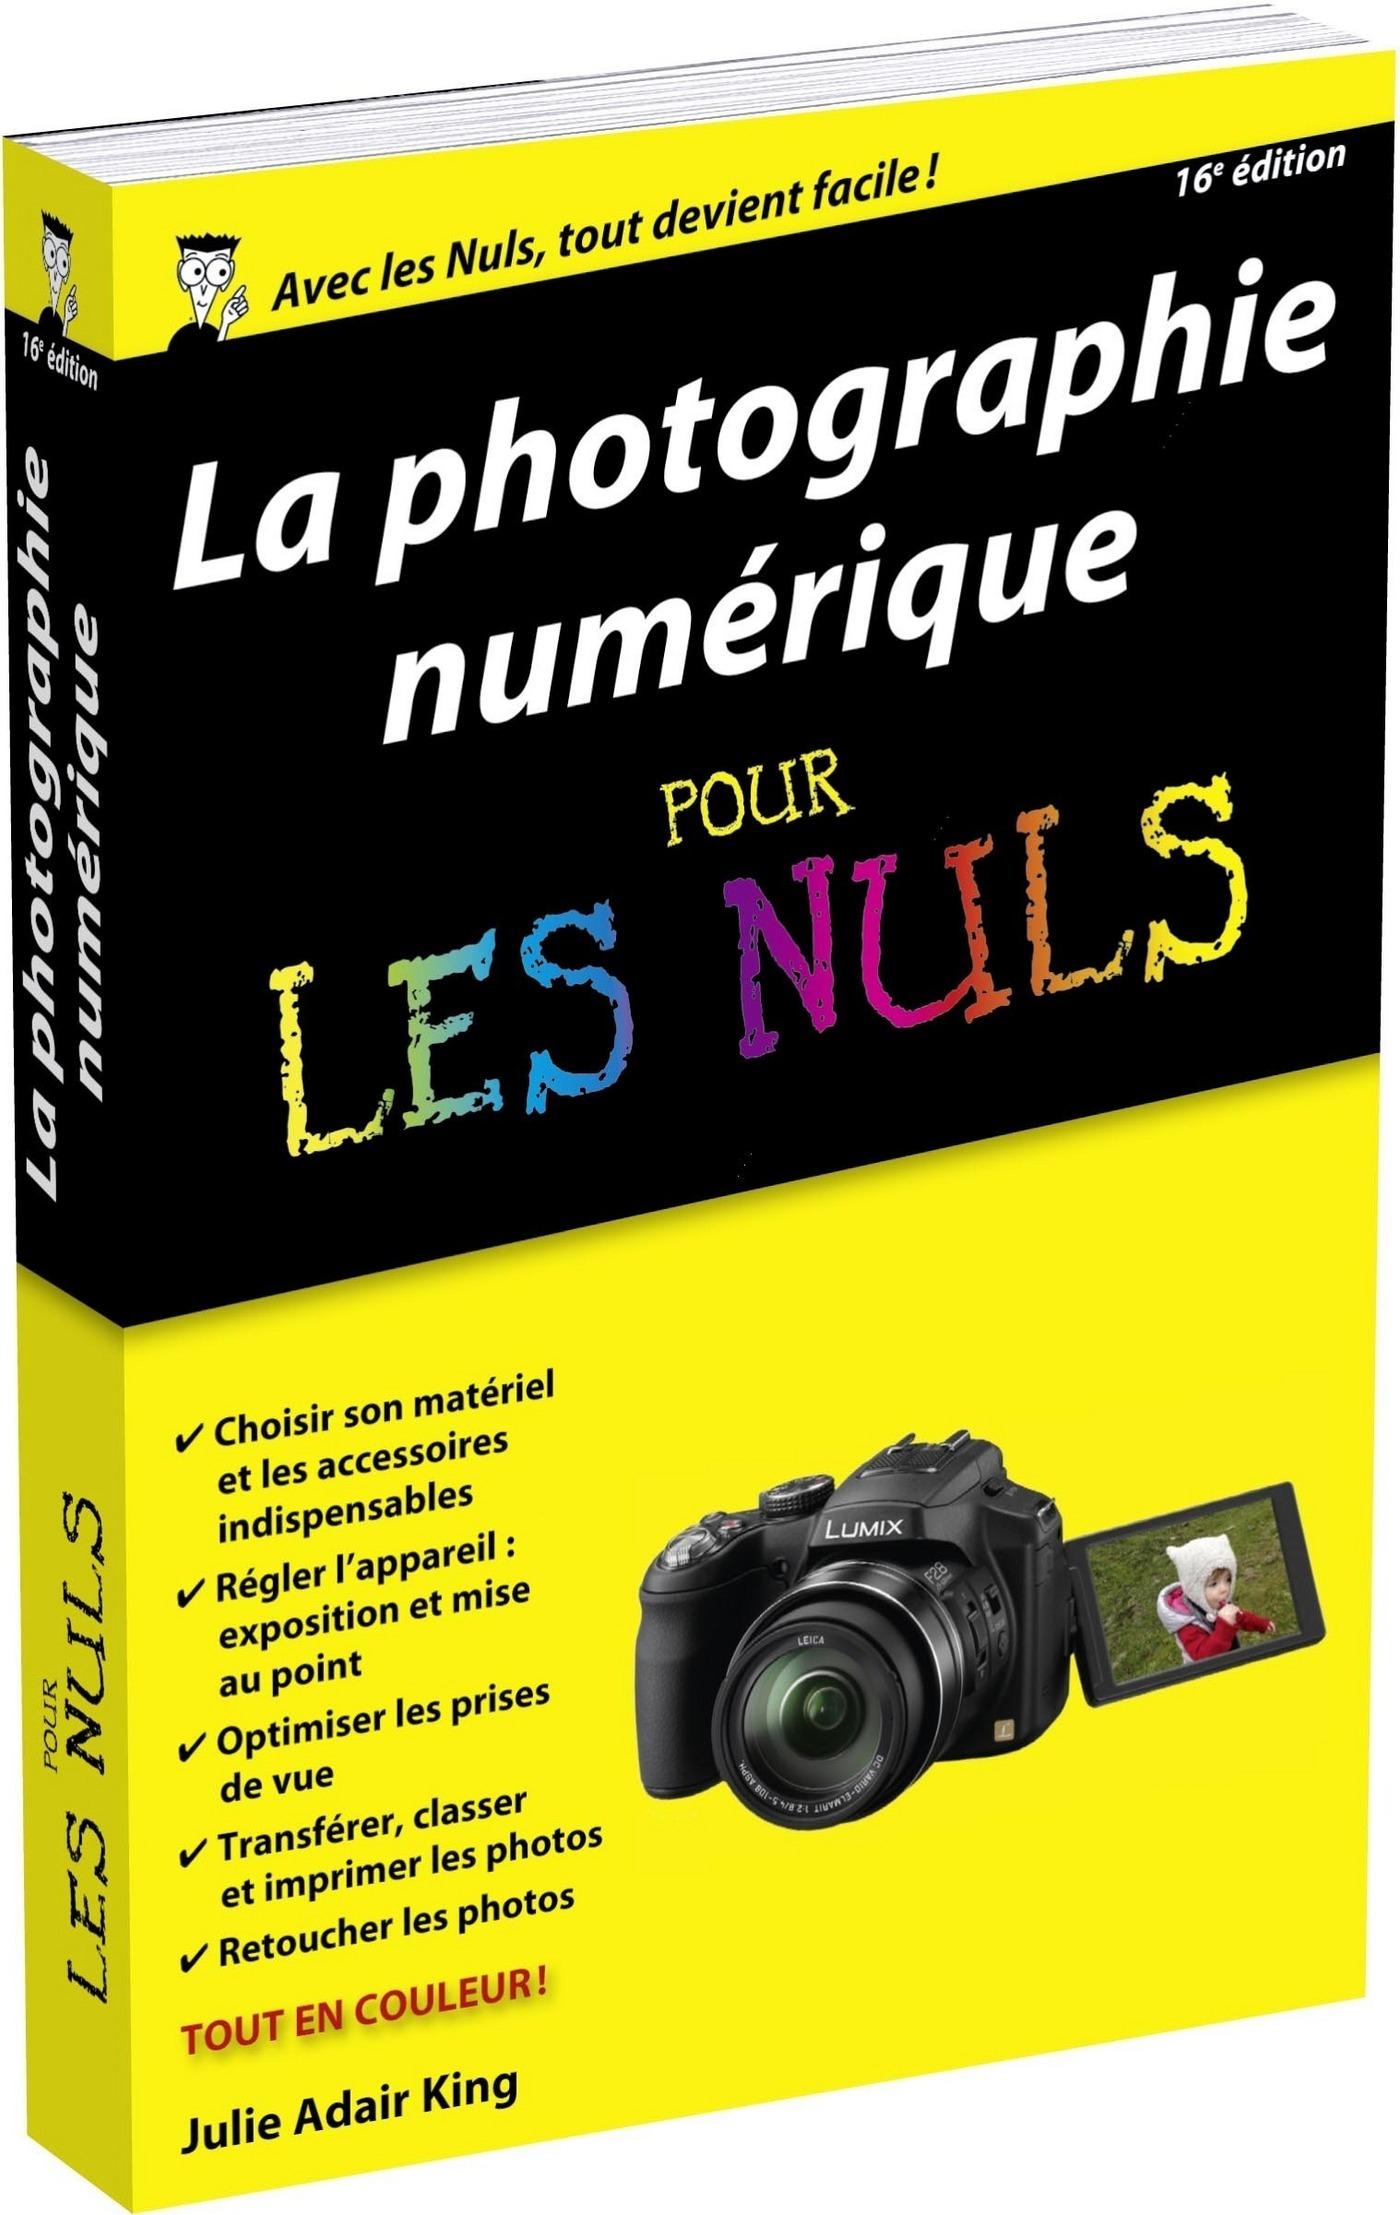 Photo numérique pour les Nuls, poche, 16e